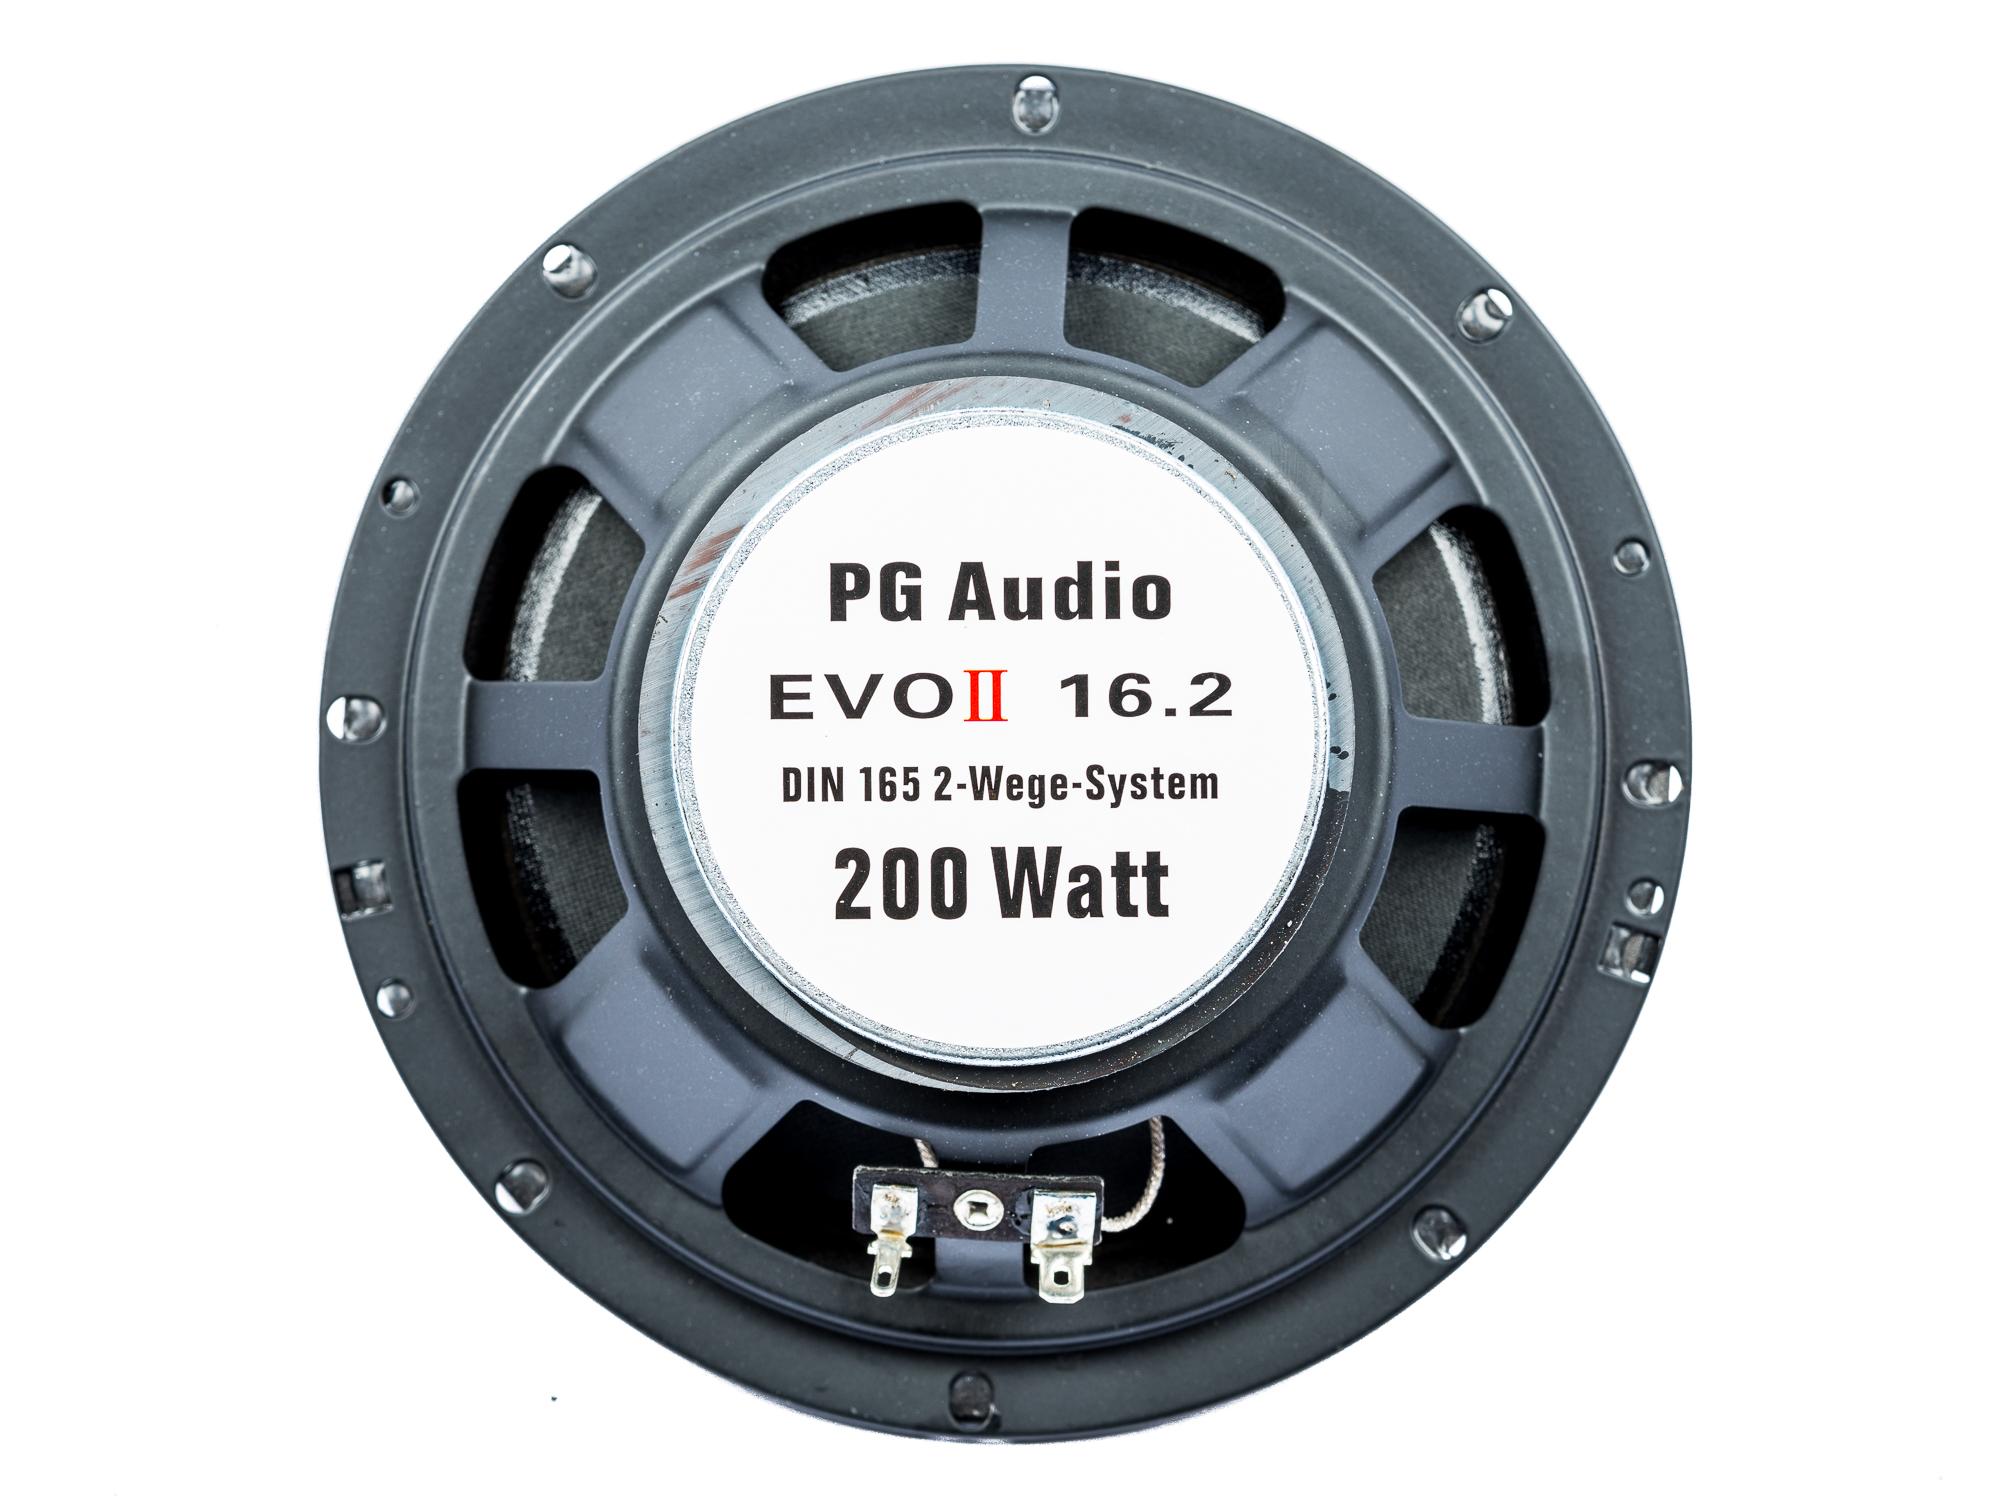 Volvo S60 V70 V70XC Lautsprecher Einbauset Tür vorne PG Audio – Bild 2